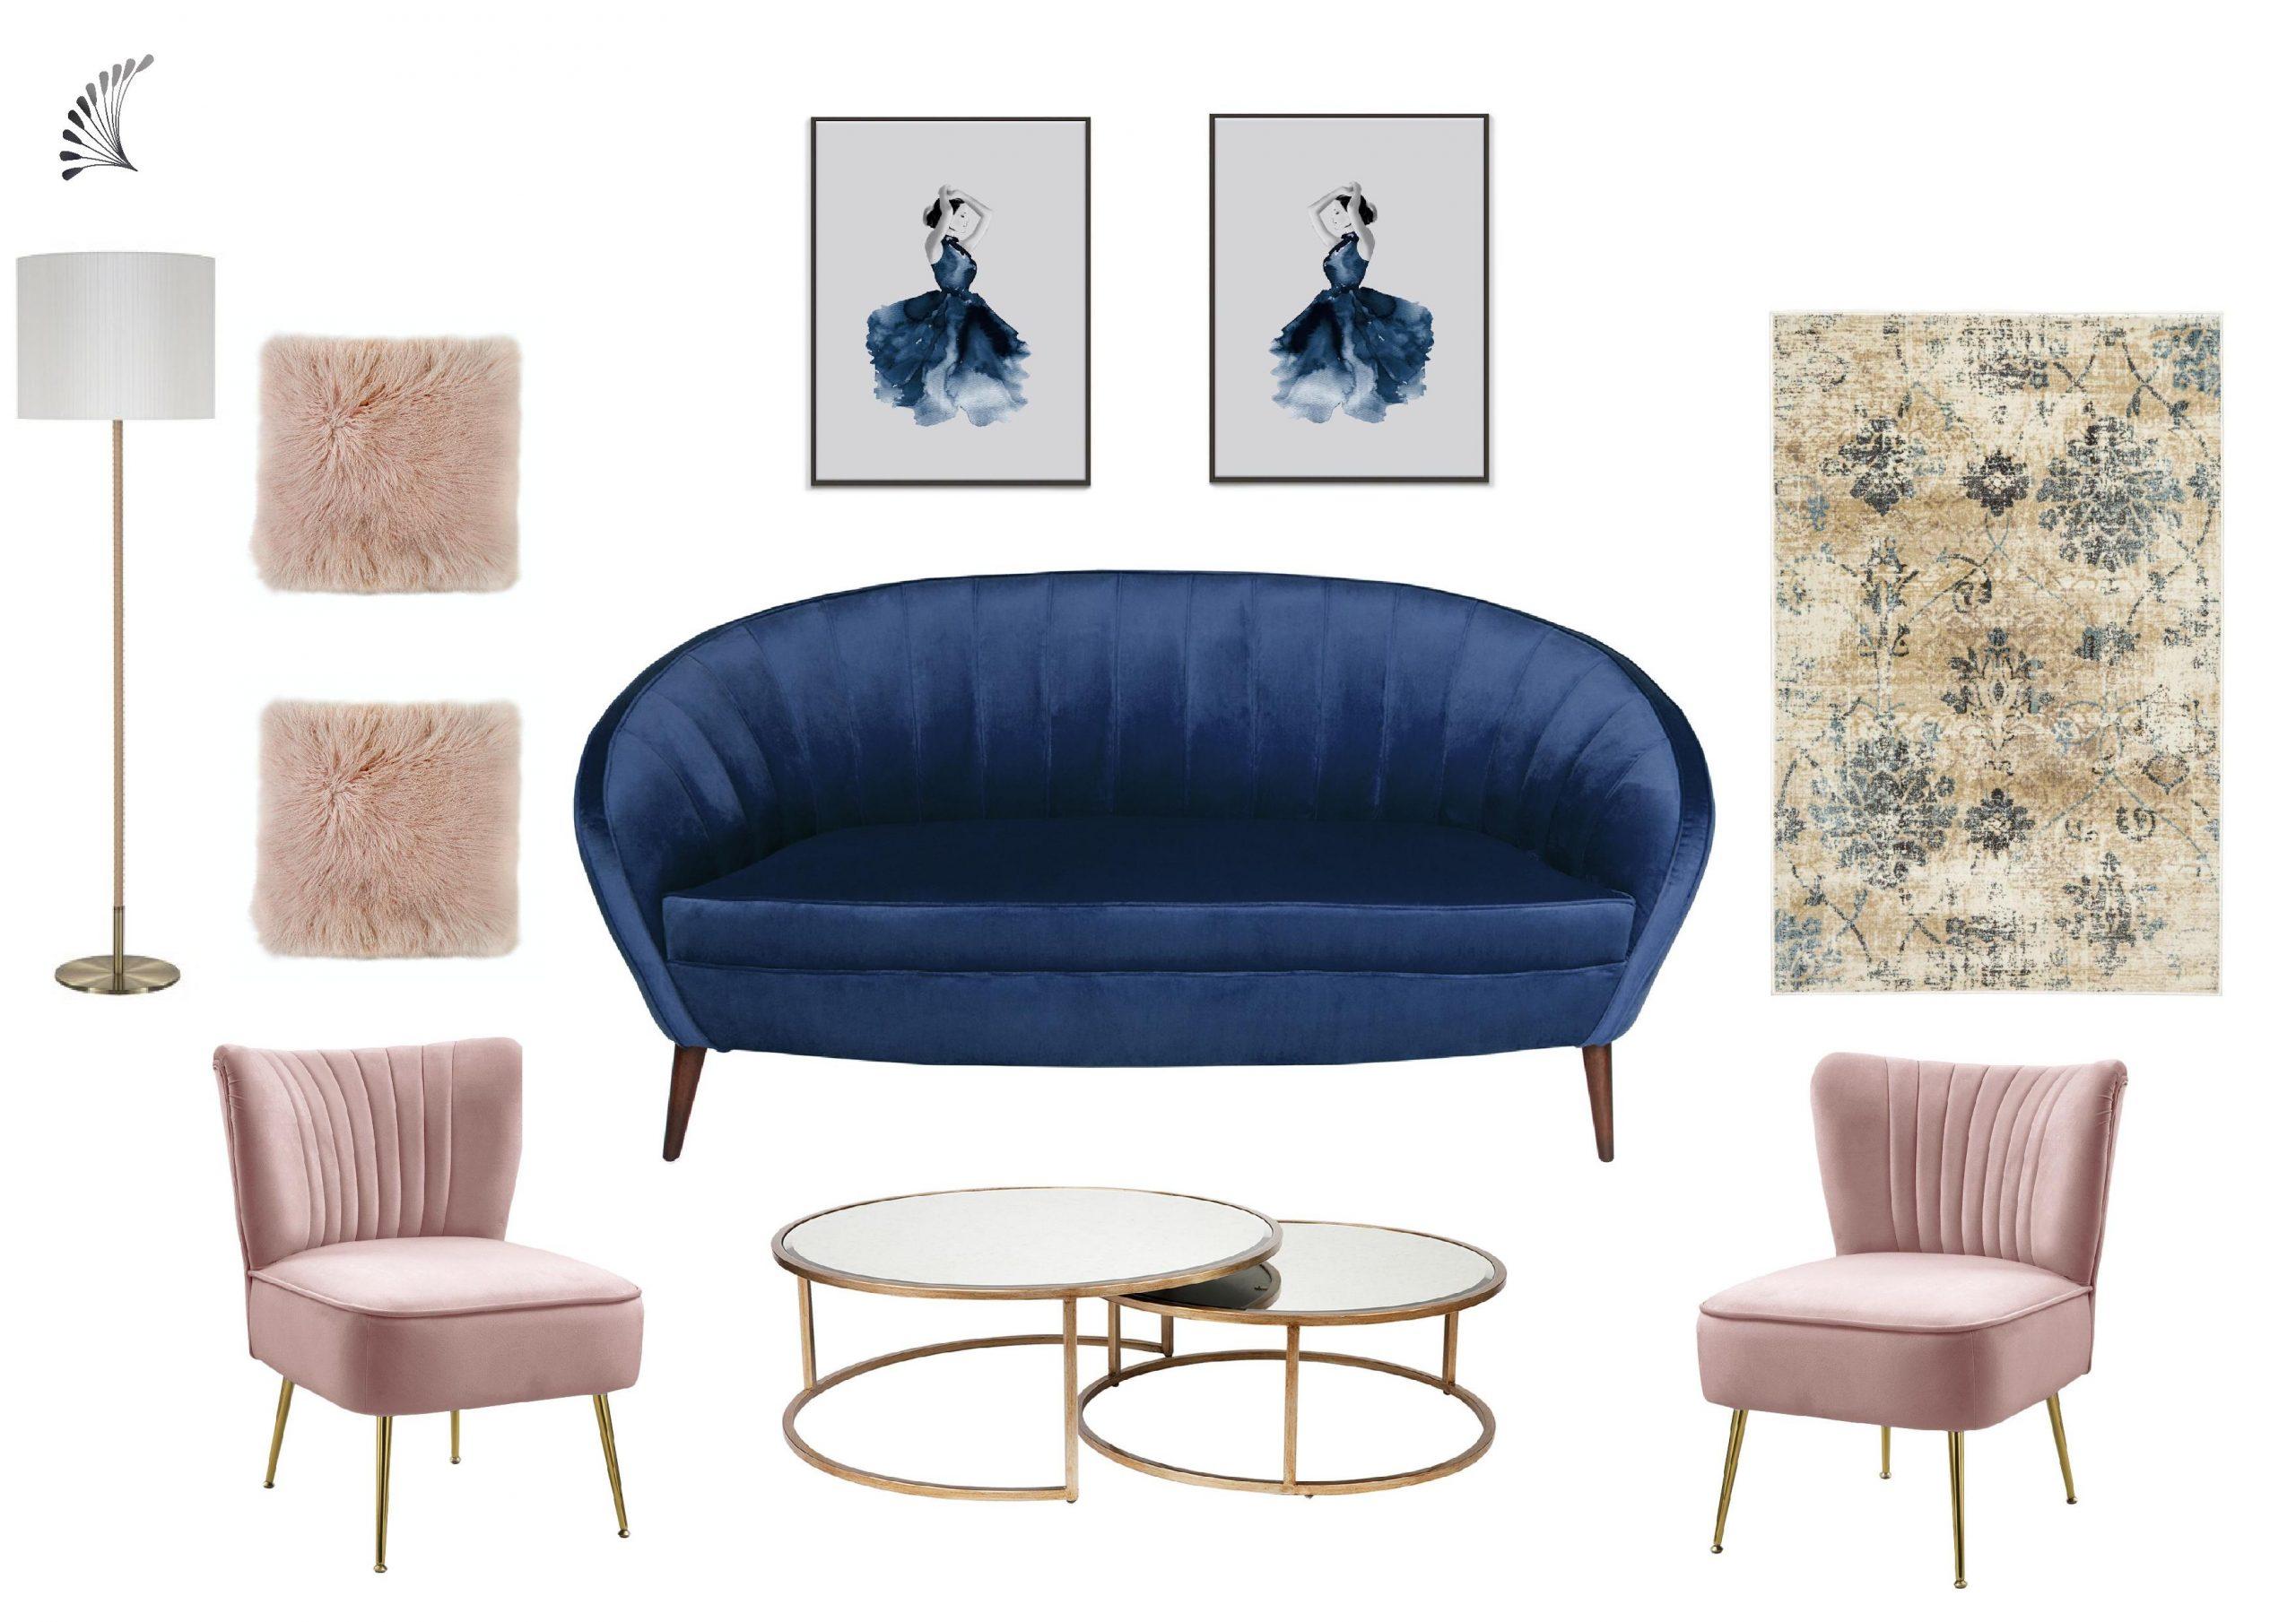 Luxe living room with blue velvet sofa